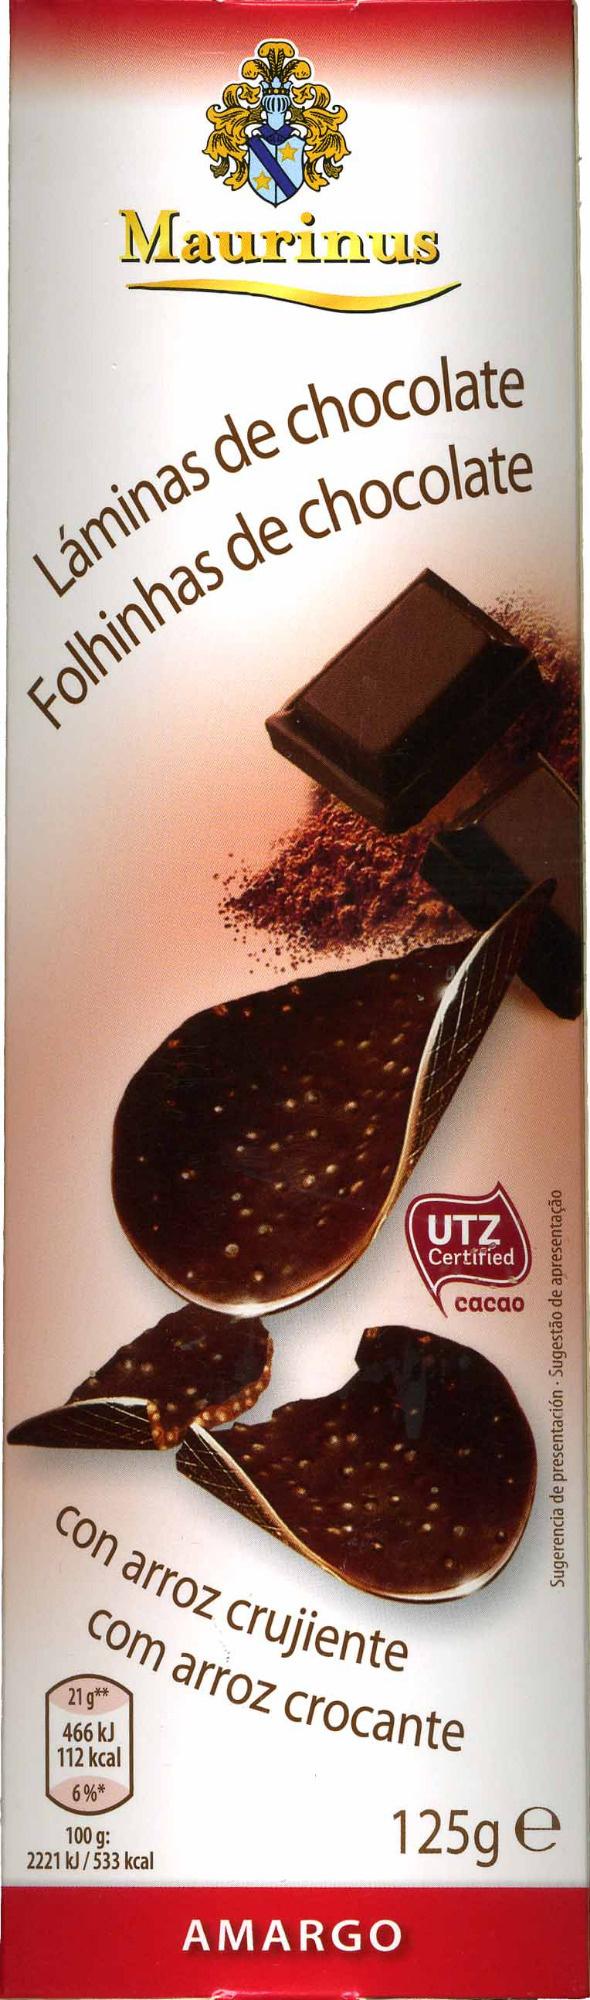 Láminas de chocolate - Producto - es